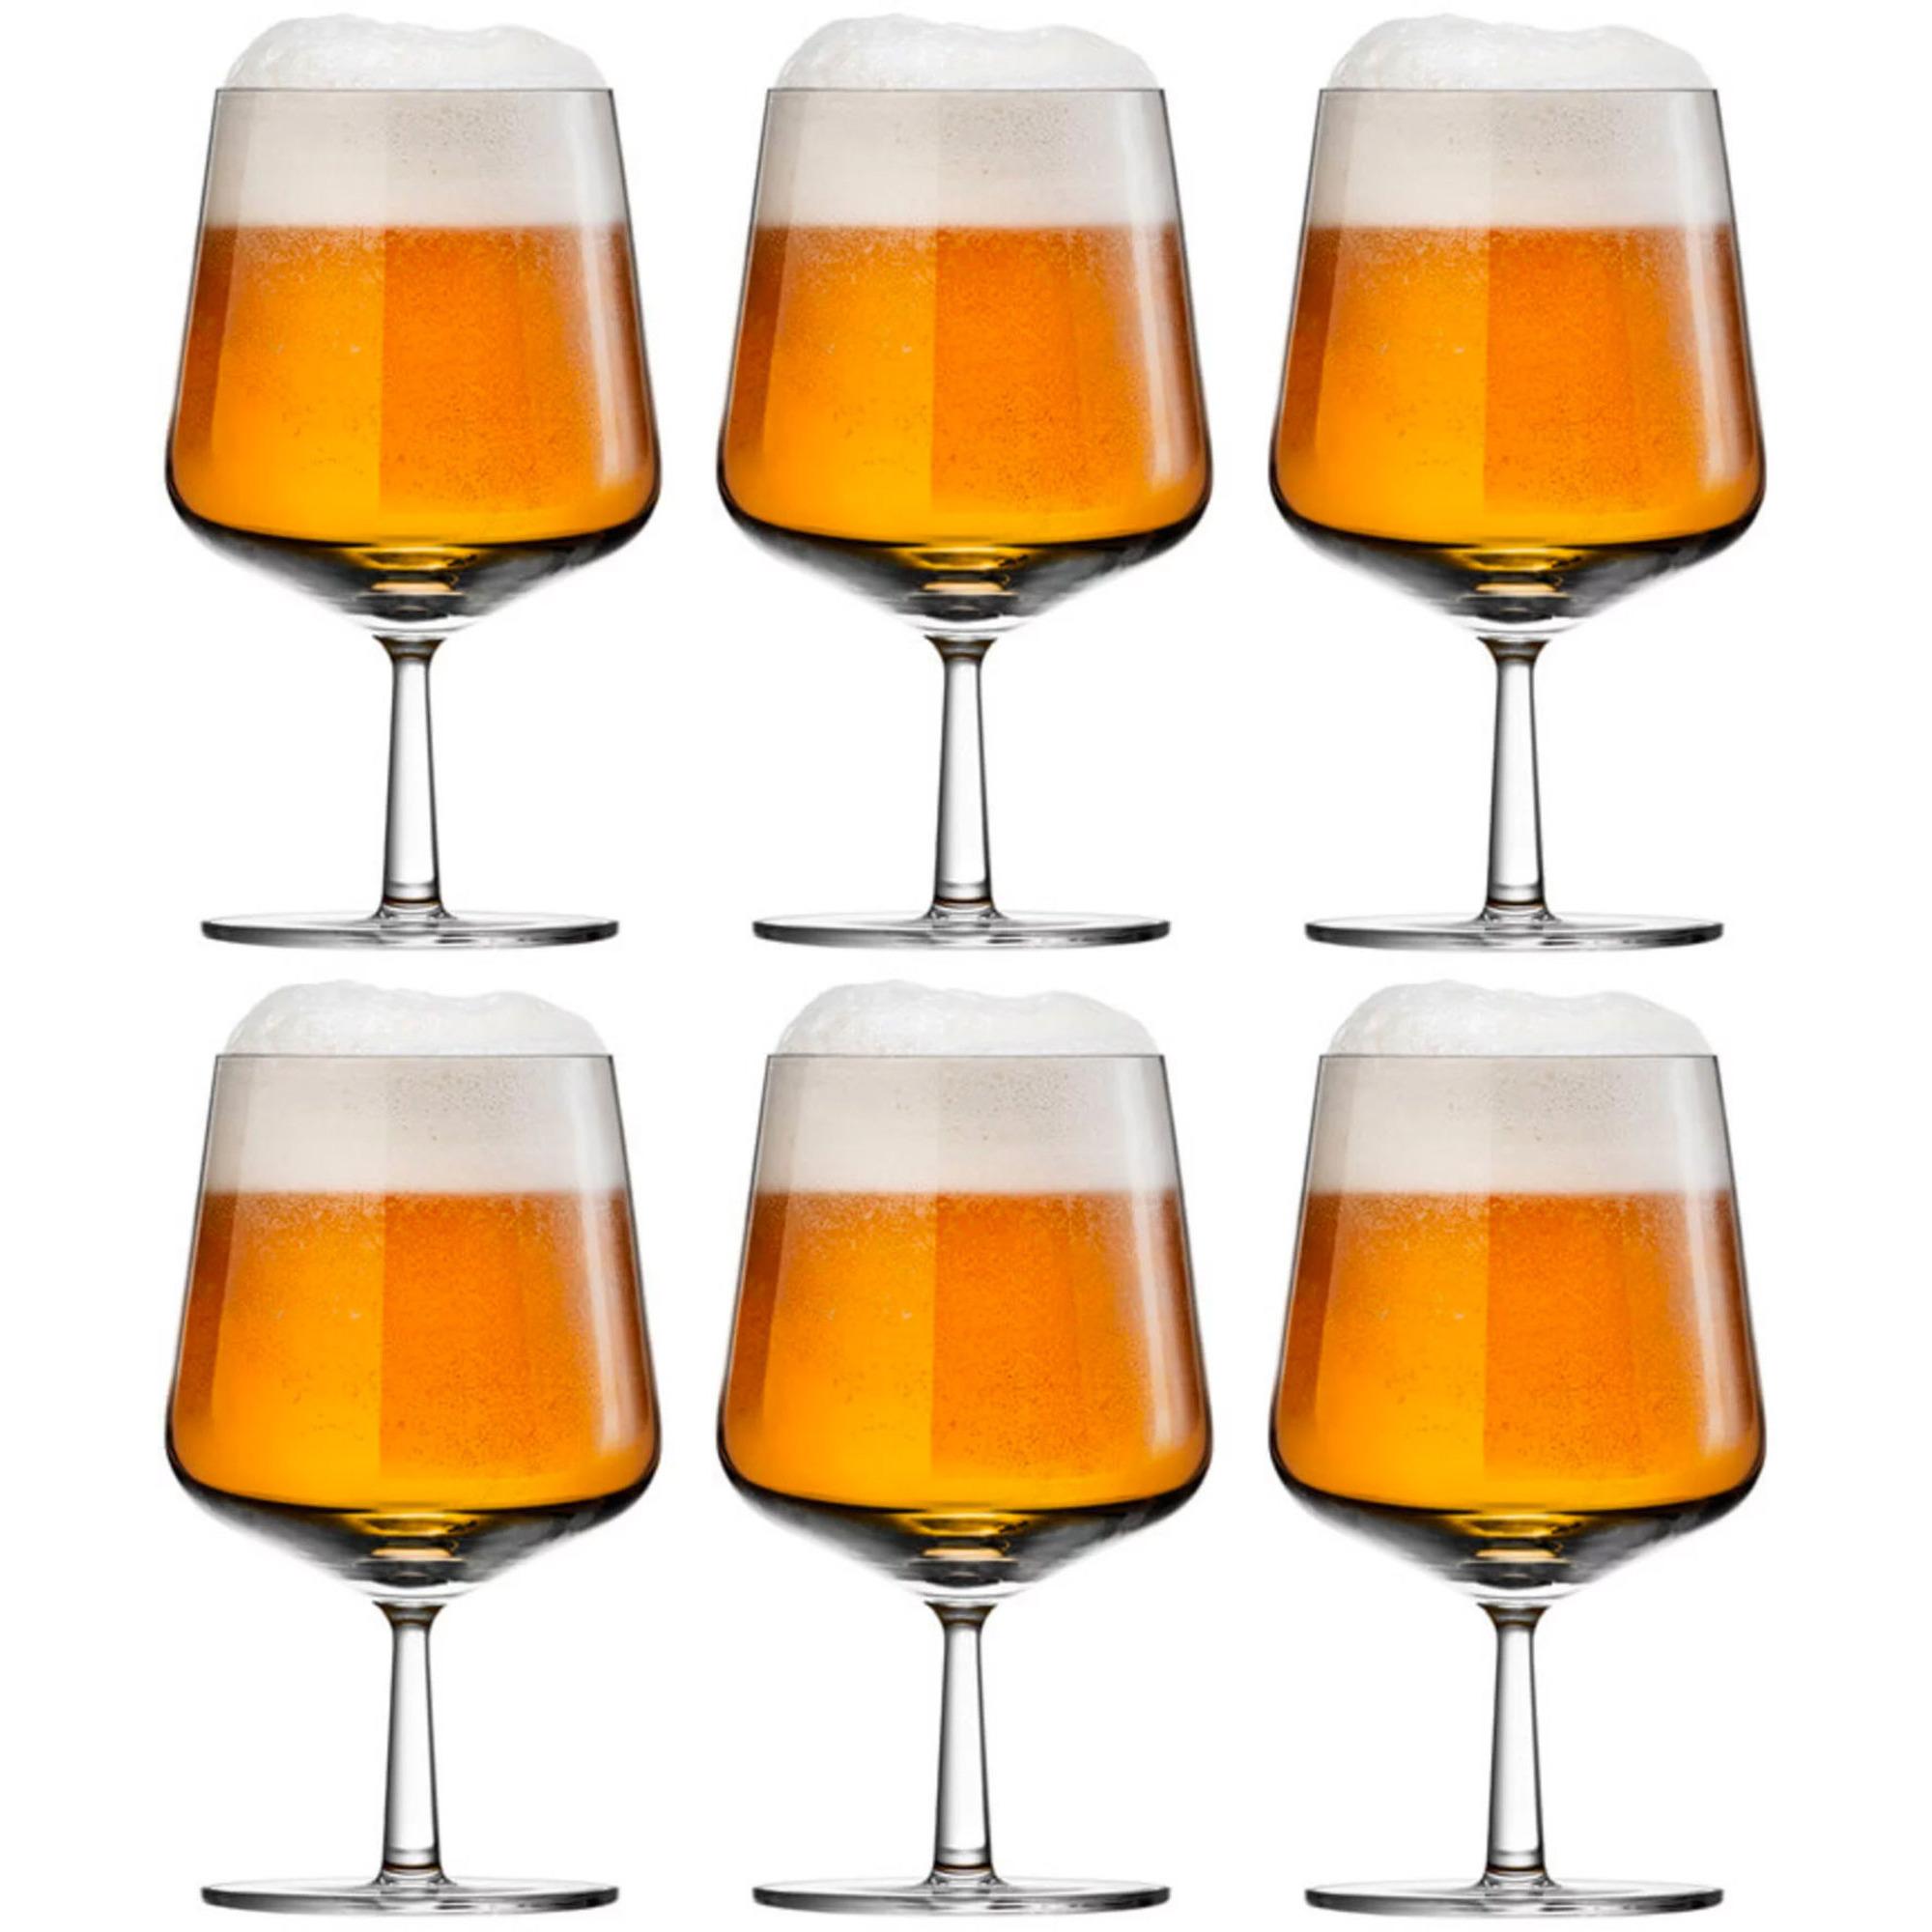 Iittala Essence Ölglas 48 cl 6 st.